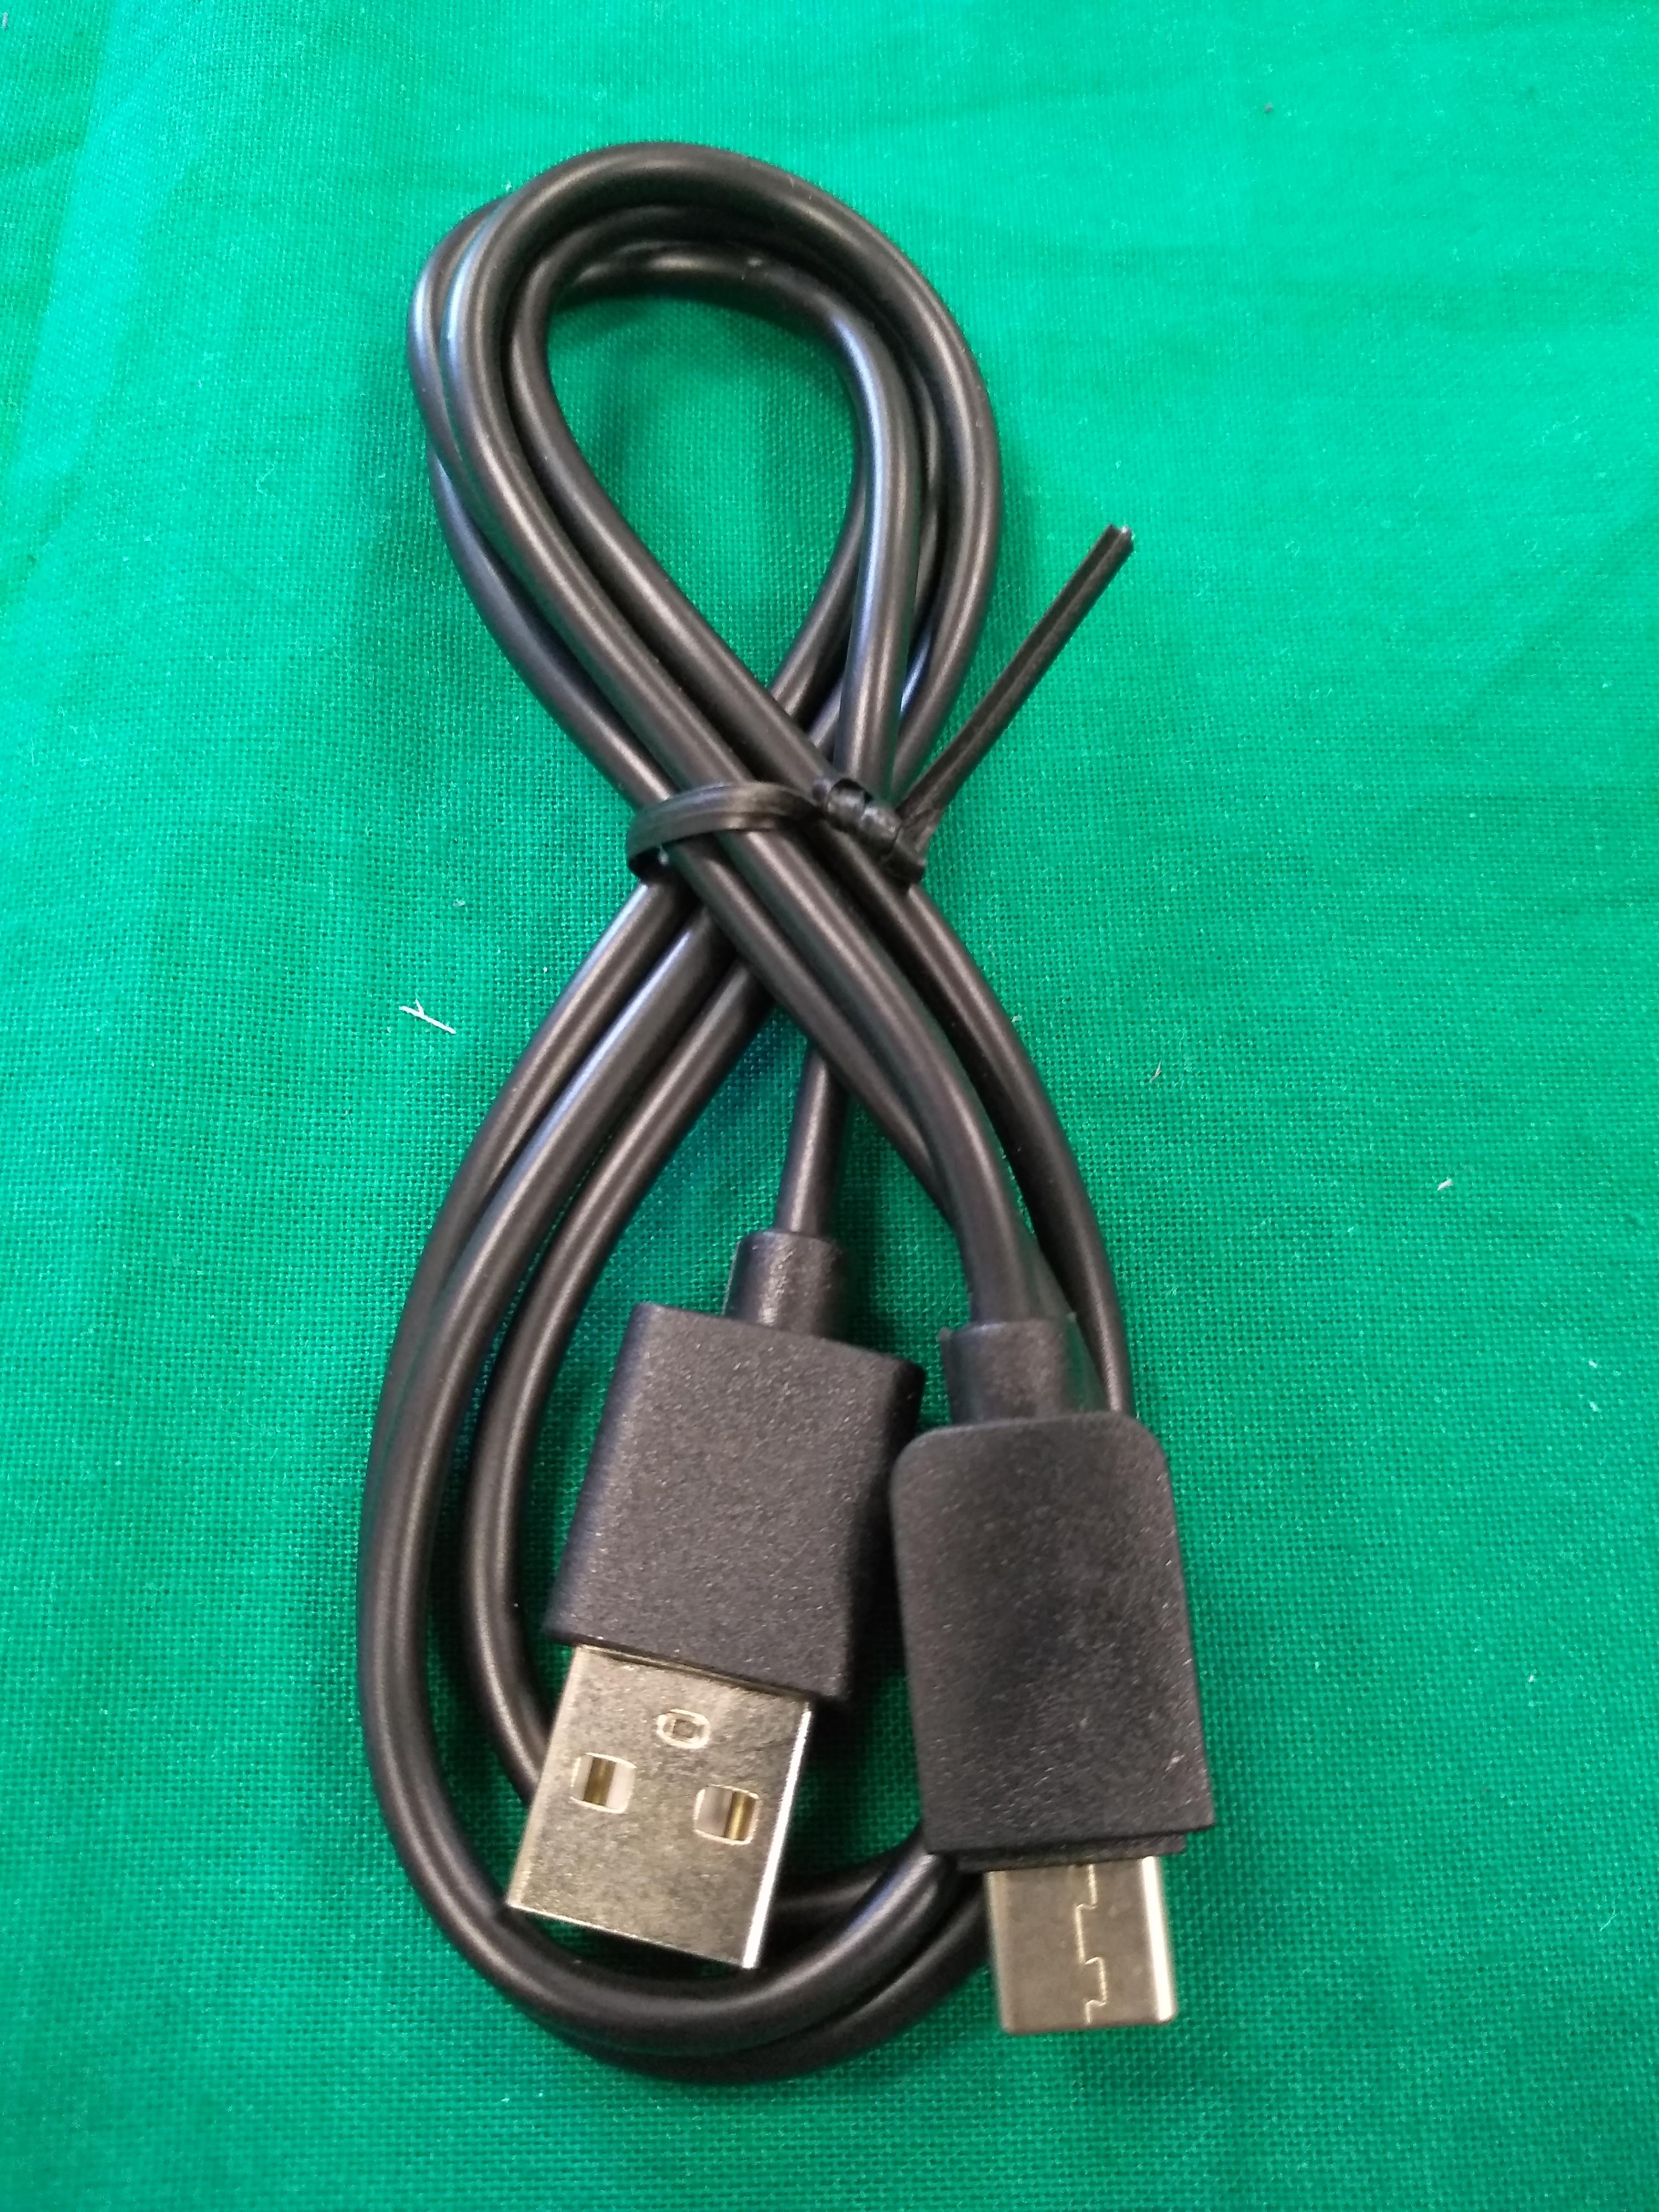 USB C 1 méteres kábel, kiemelt kép